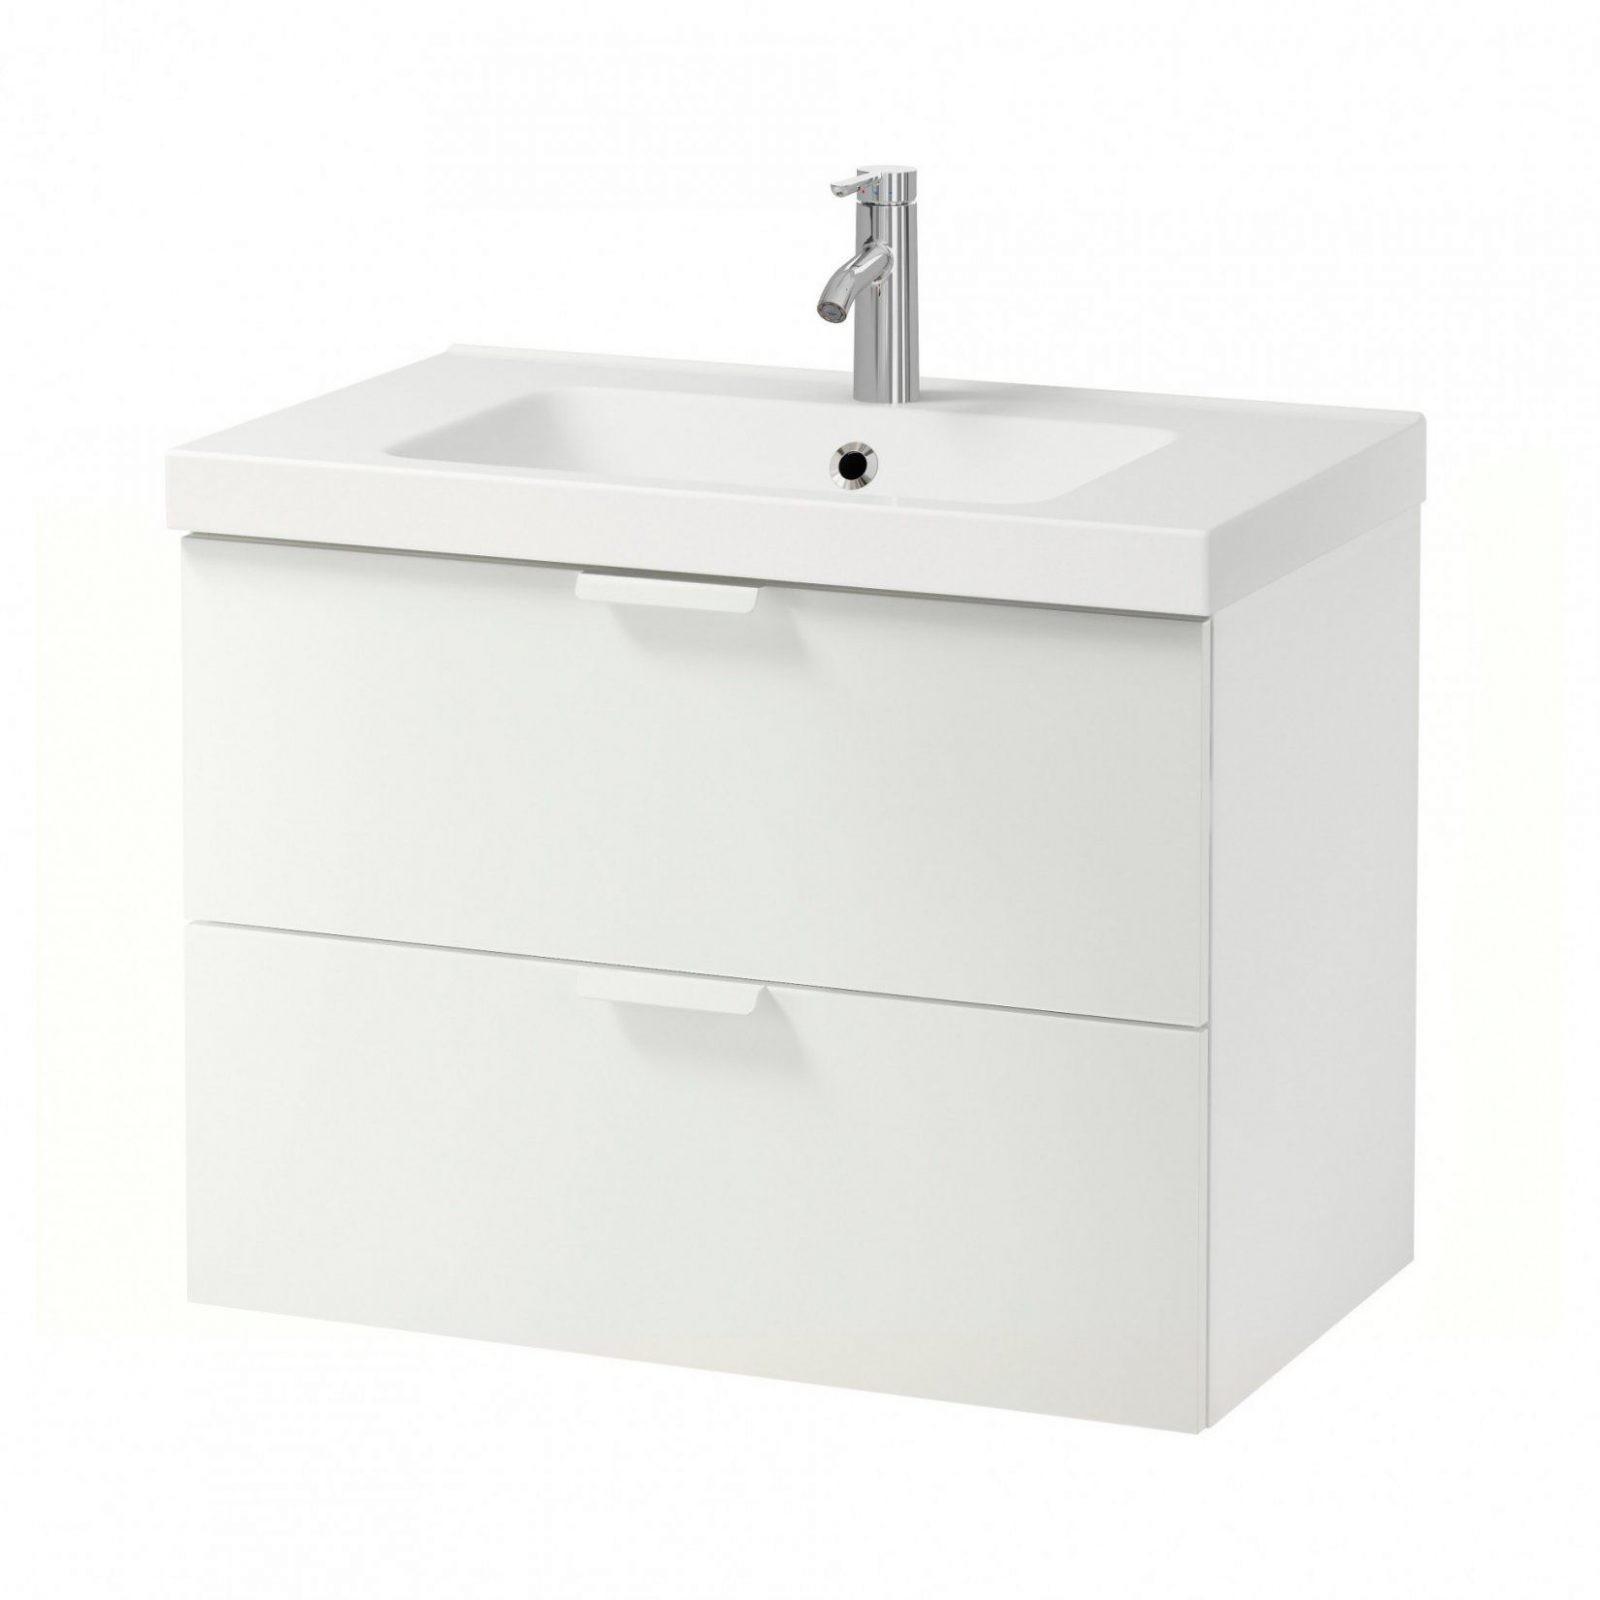 Awesome Ikea Waschbeckenunterschrank  Homemaison von Spülenunterschrank 50 Cm Ikea Bild